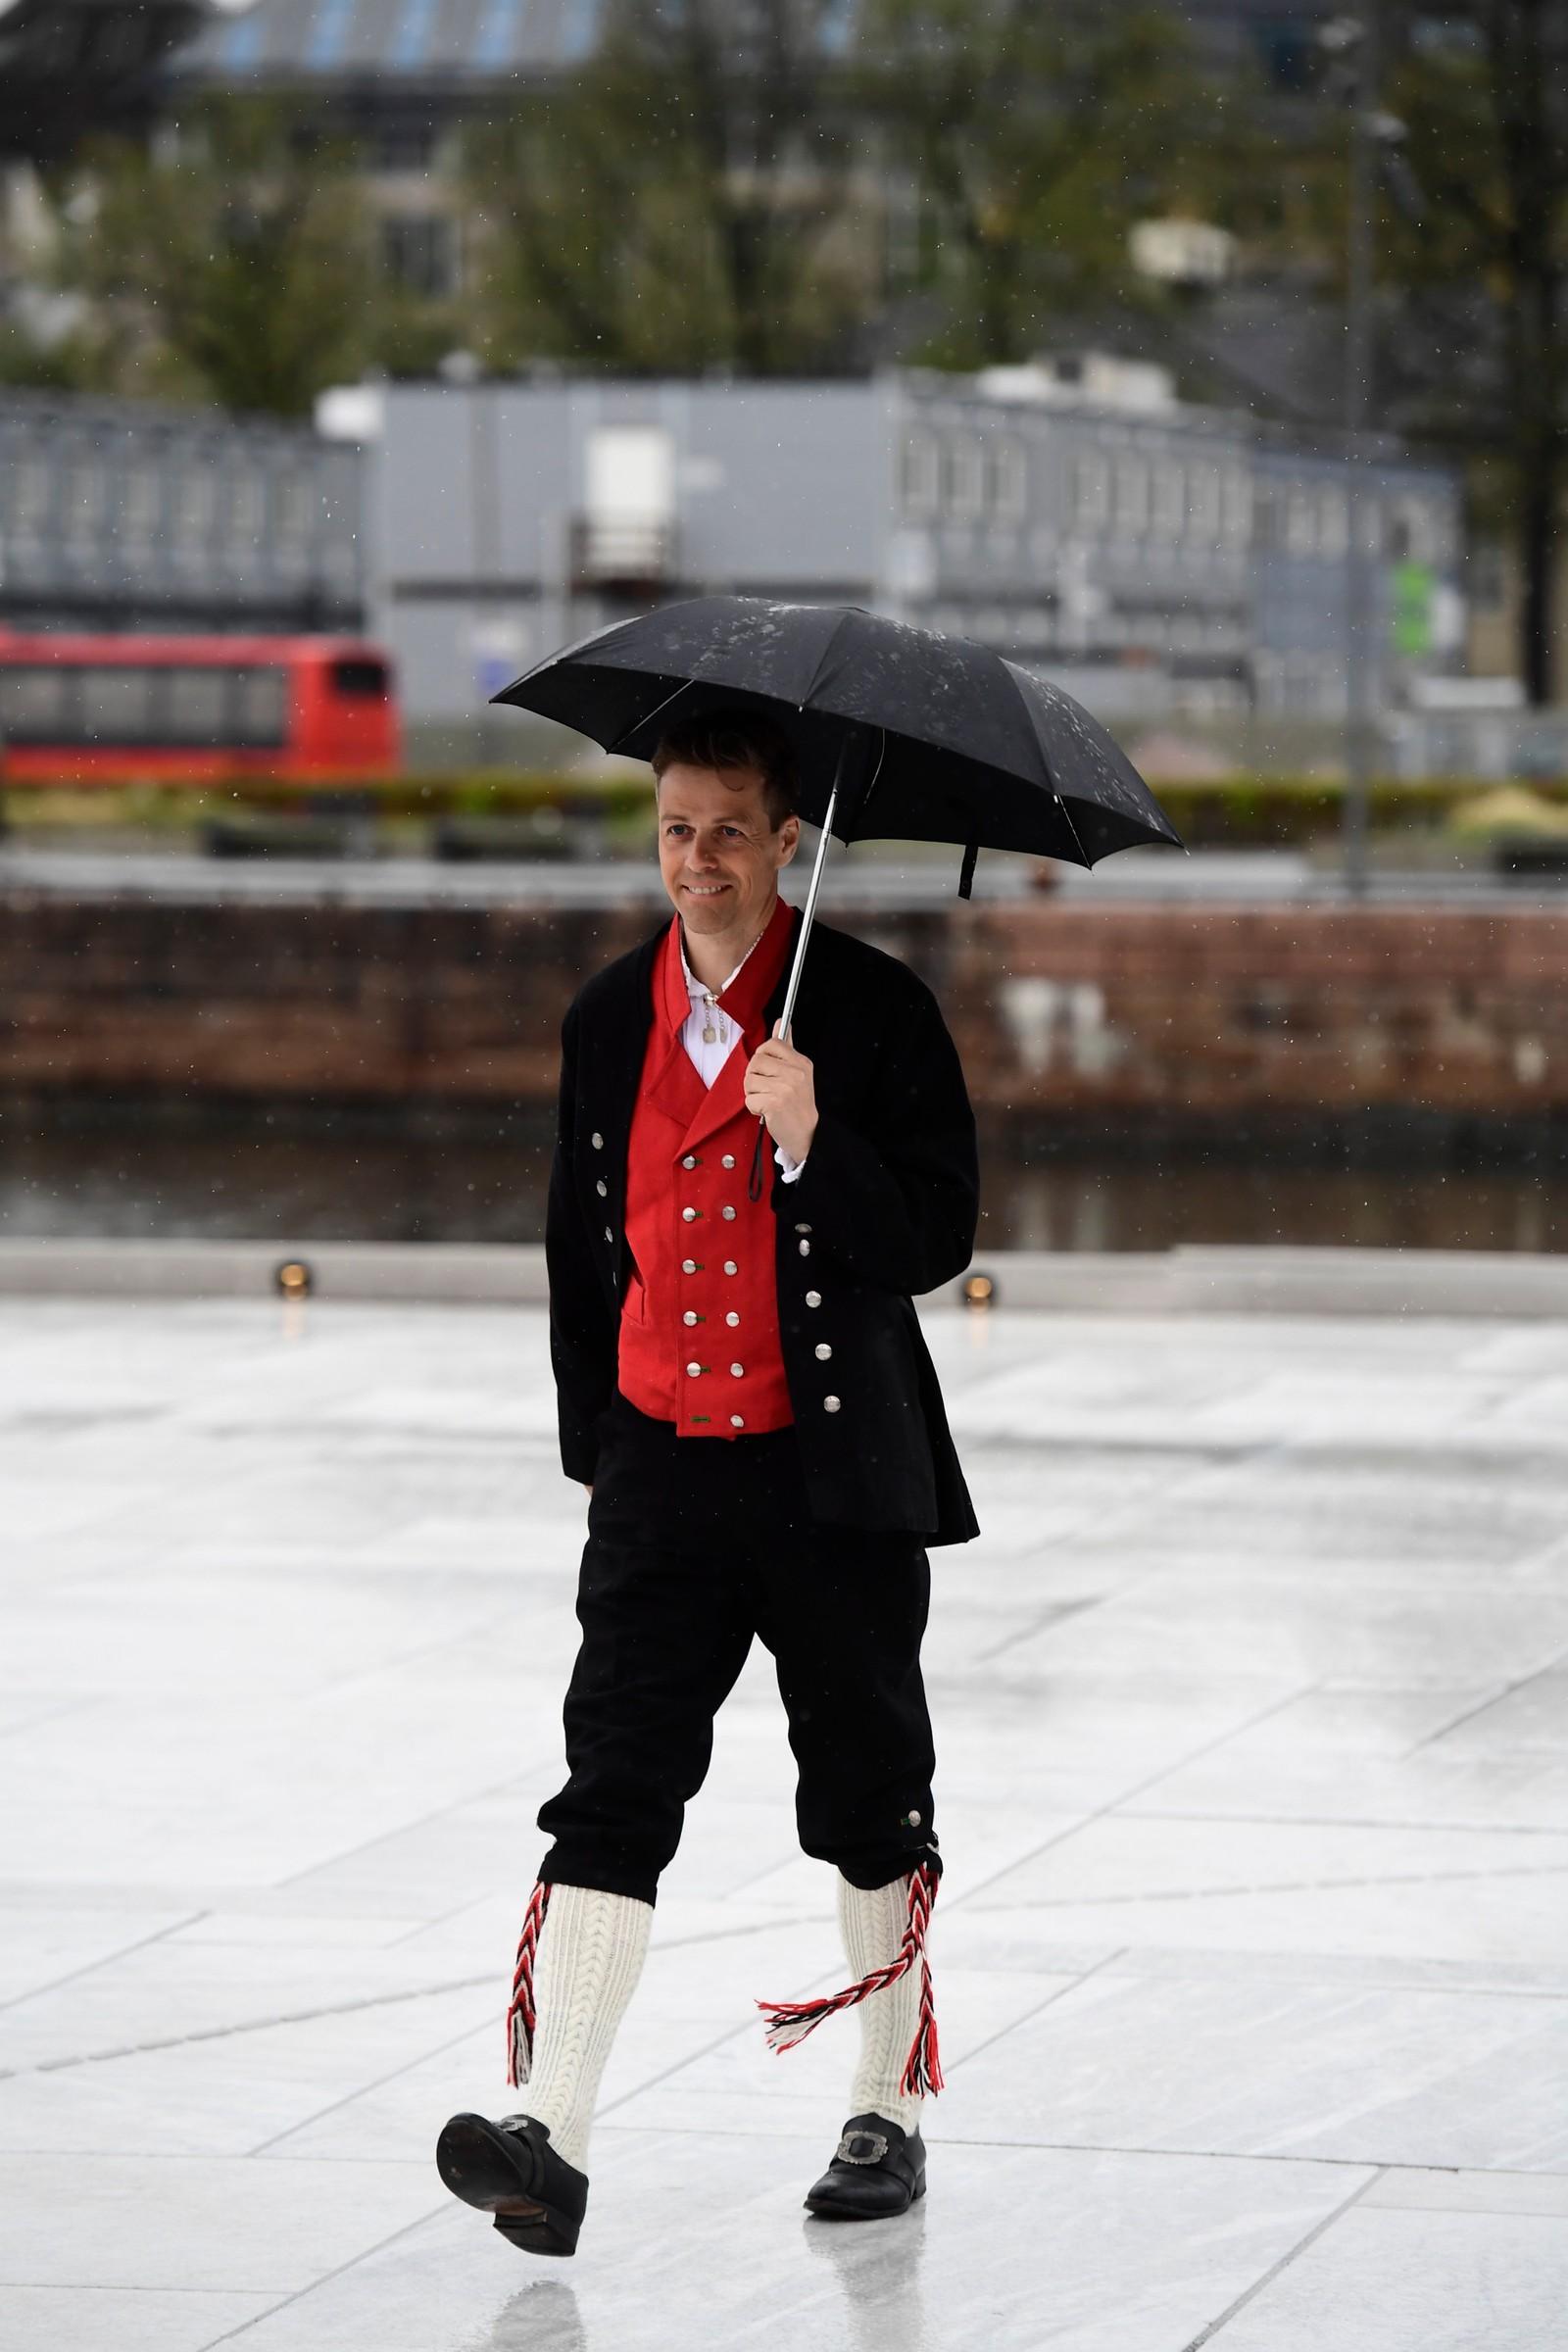 Partileder i KrF Knut Arild Hareide ankommer festmiddagen i Operaen i anledning kongeparets 80-årsfeiring.